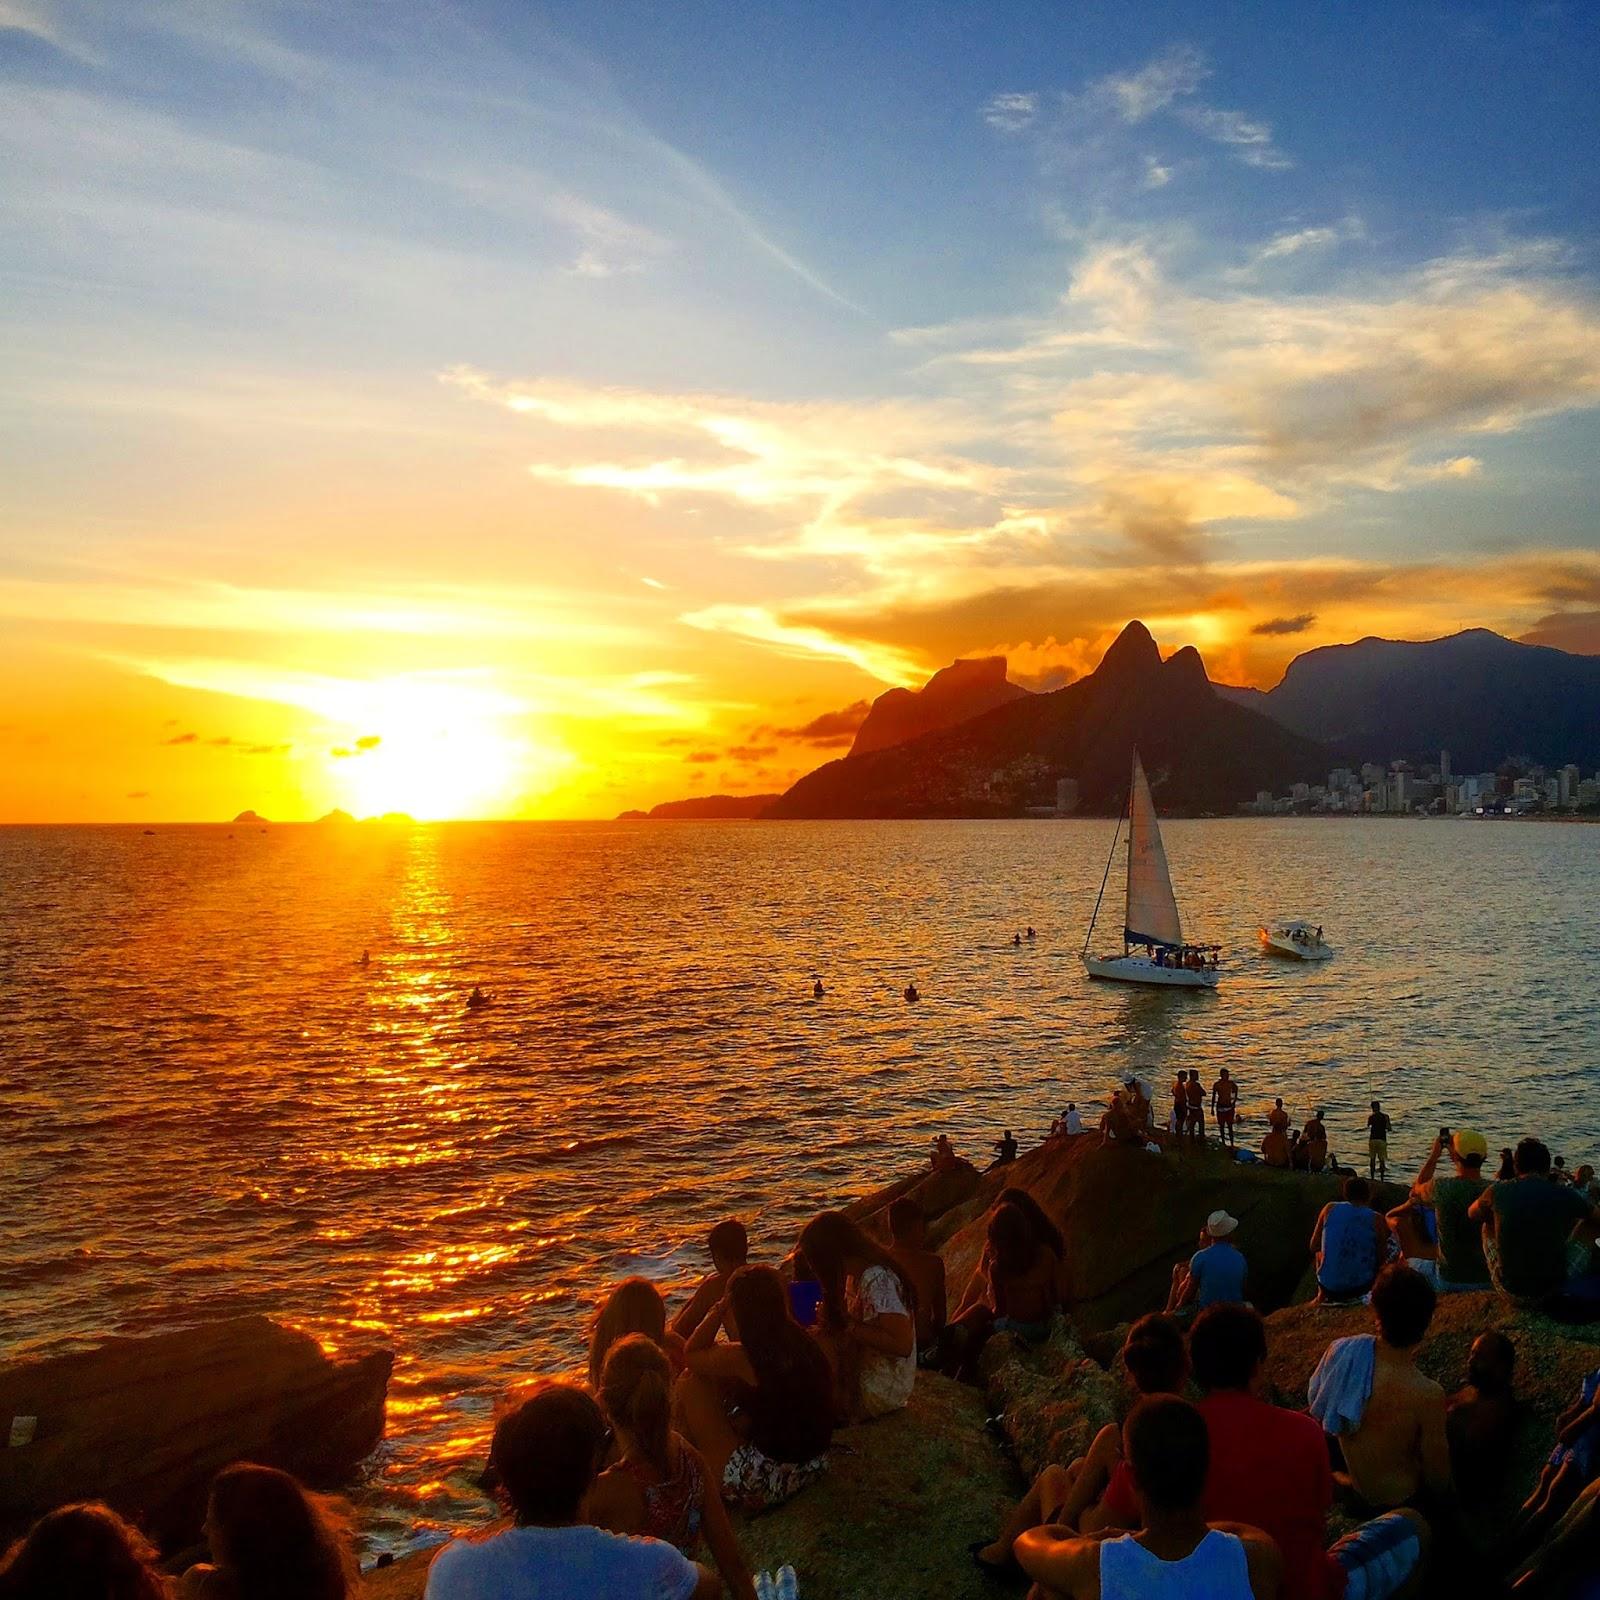 Rio de Janeiro e o Espetáculo do Pôr do Sol! Onde ver? | Apaixonados por  Viagens | Roteiros e Dicas de Turismo